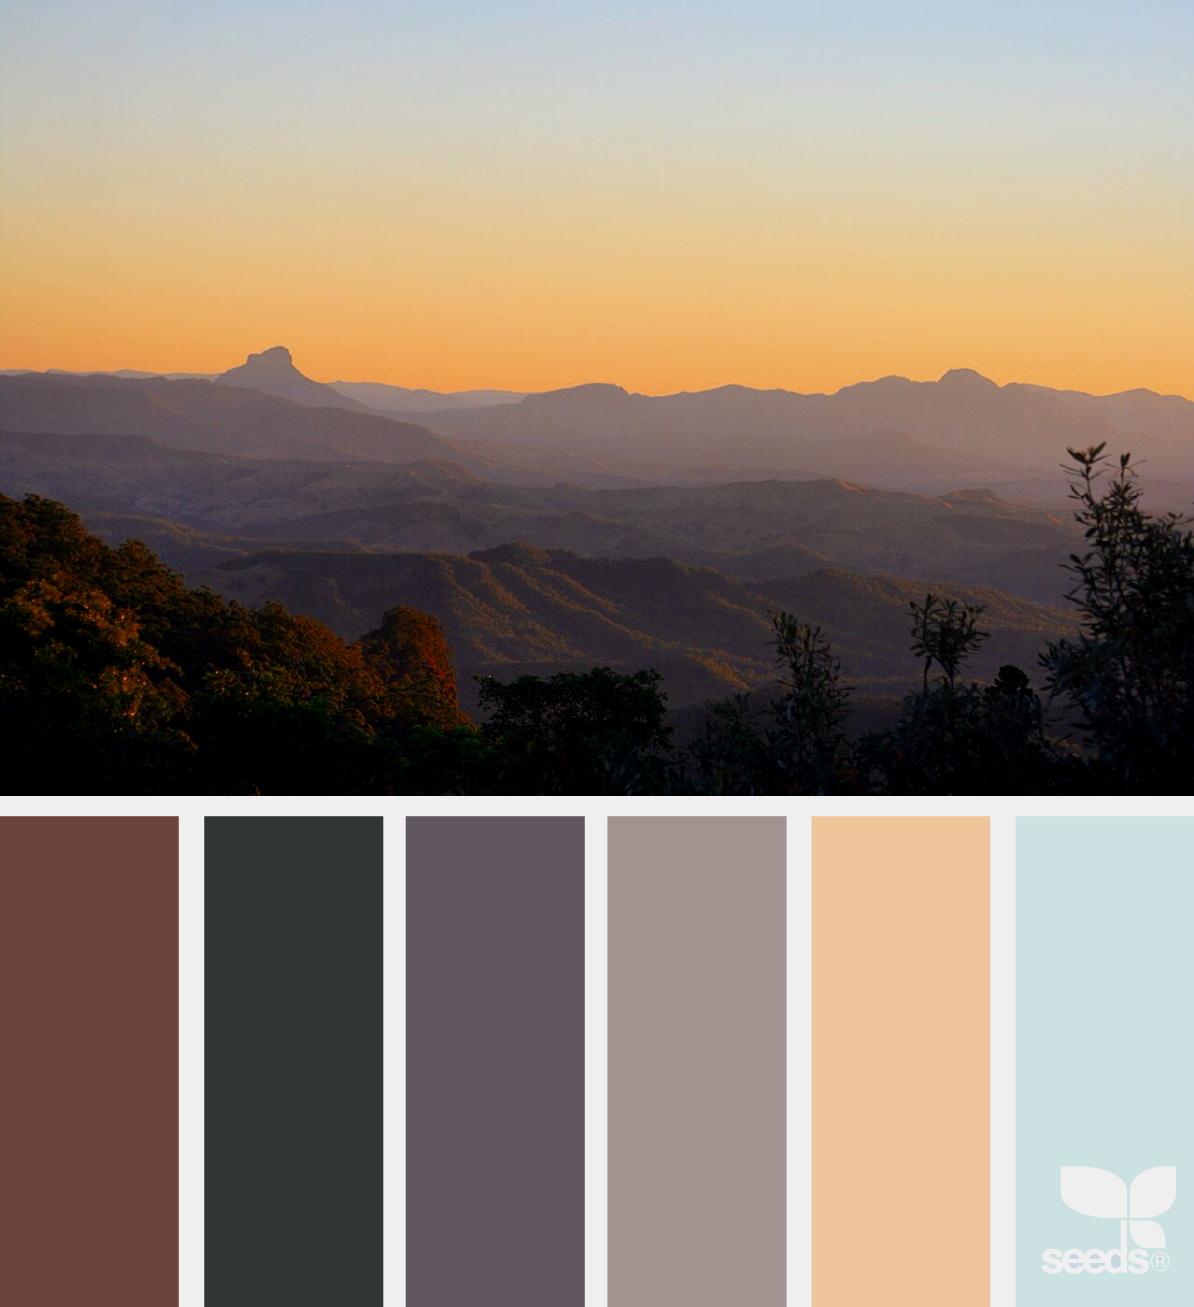 тональность цветов в фотографии всячески помогает